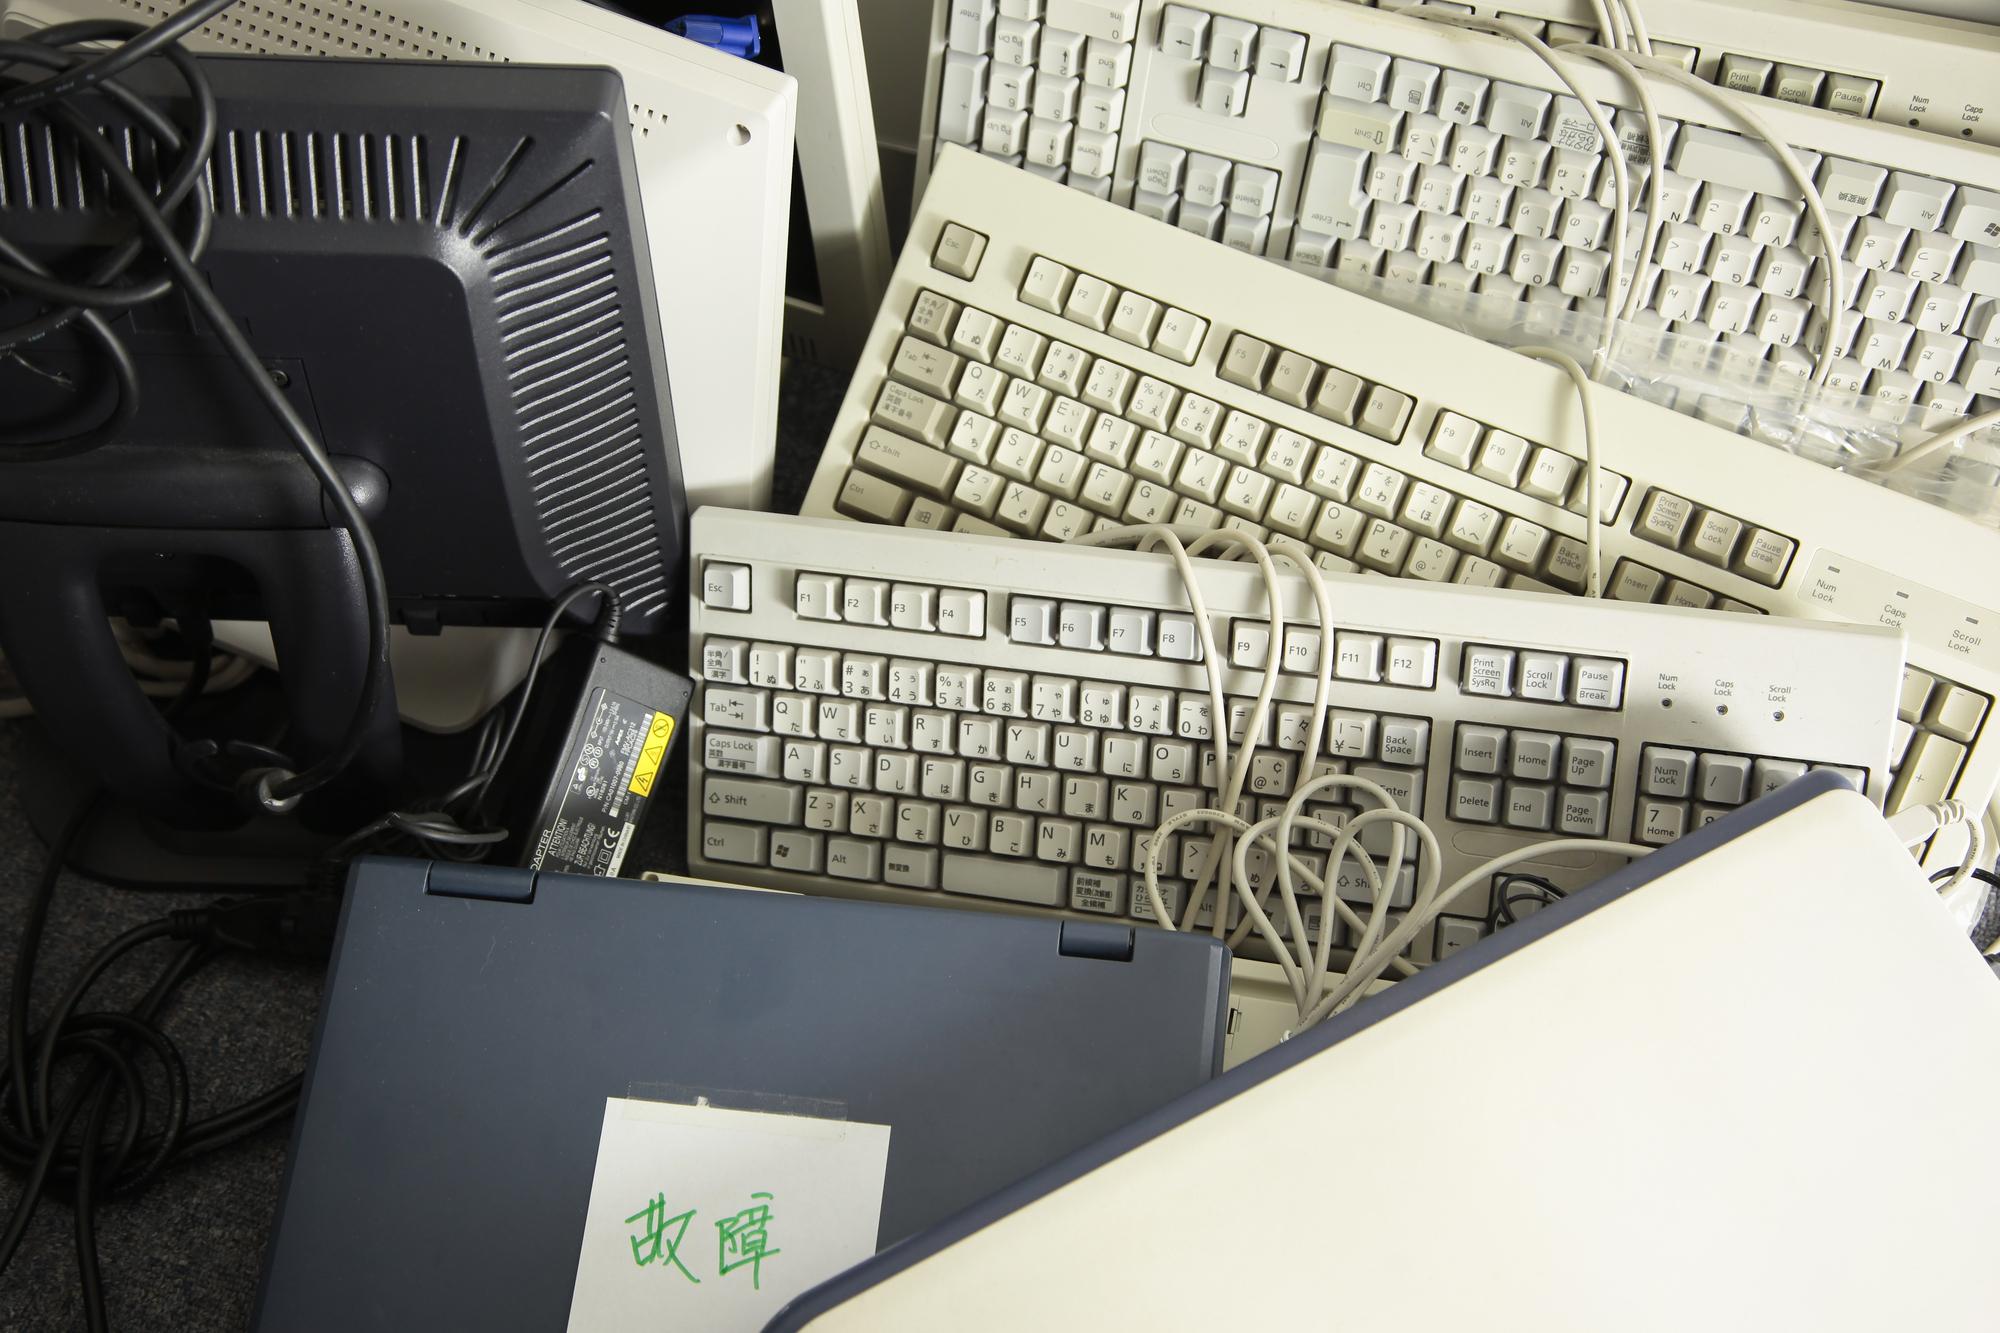 09_渋谷区民必見!処分費用無料のパソコン処分方法とは?安心のデータ消去サービスもチェック